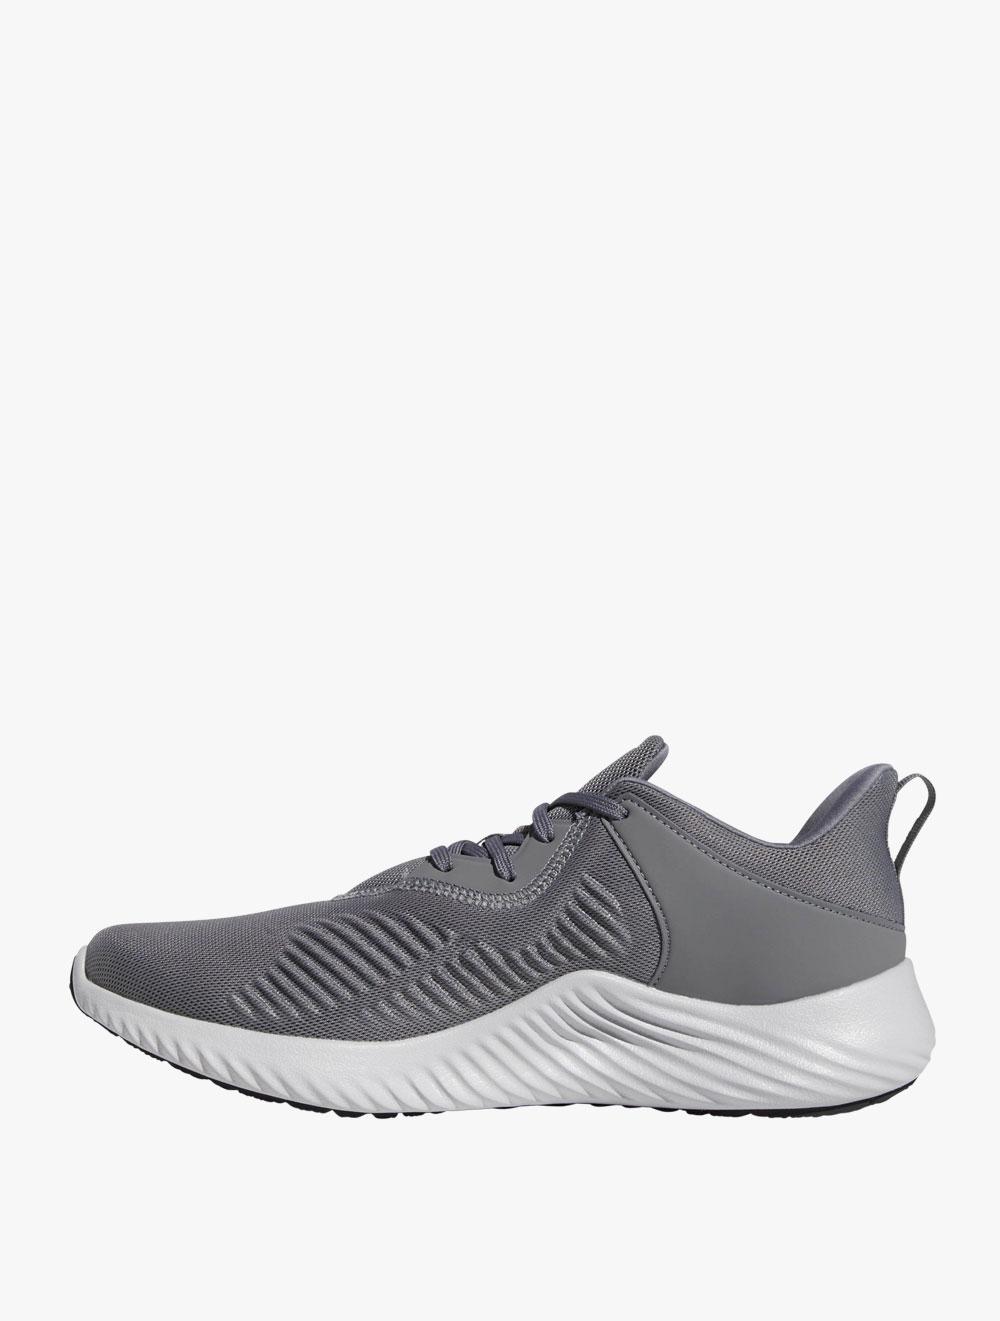 CG5572 Adidas Alphabounce RC 2 Men Shoes